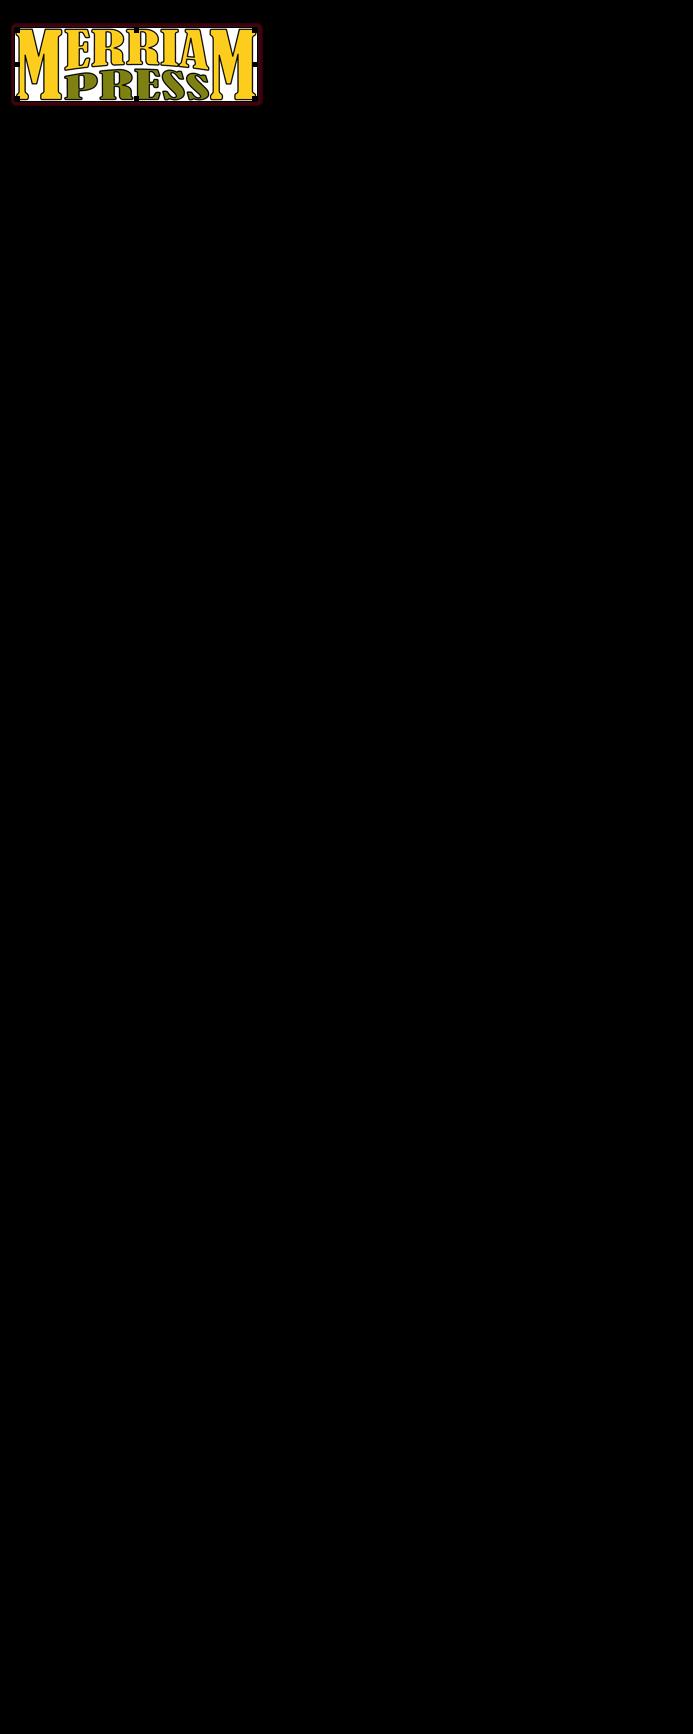 heidegger and the origin of the work of art essay Heidegger and the origin of the work of art an explication essay essay on respect for teachers in urdu you tube sjr winnipeg admissions history coursework gcse.